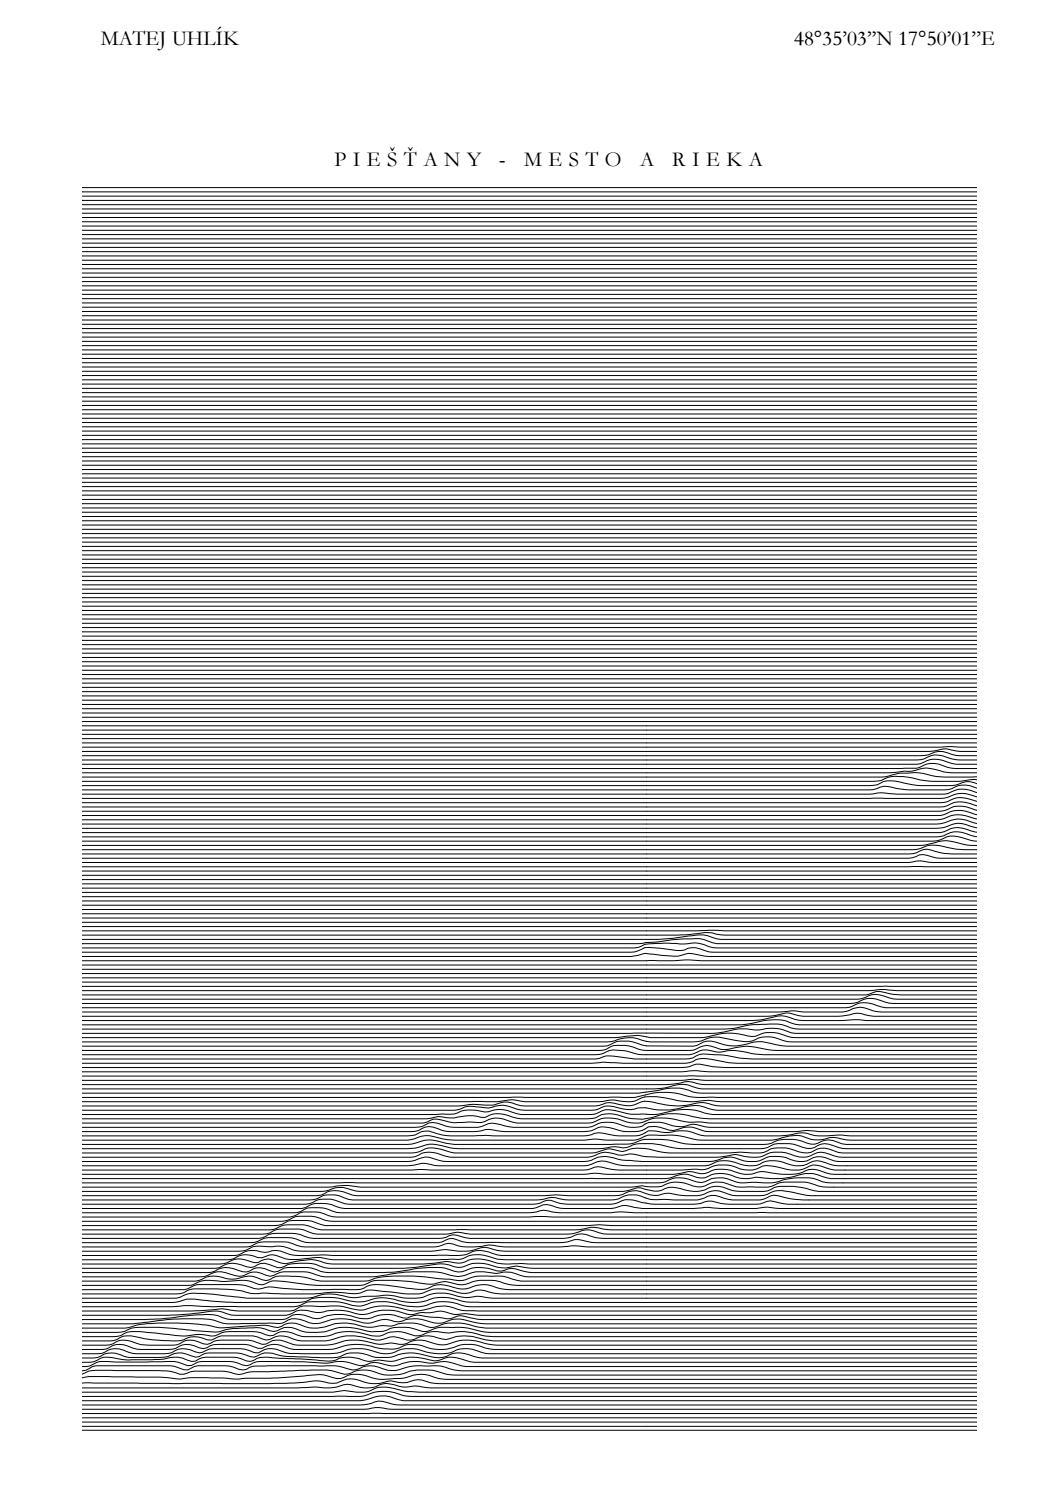 Kamloops datovania